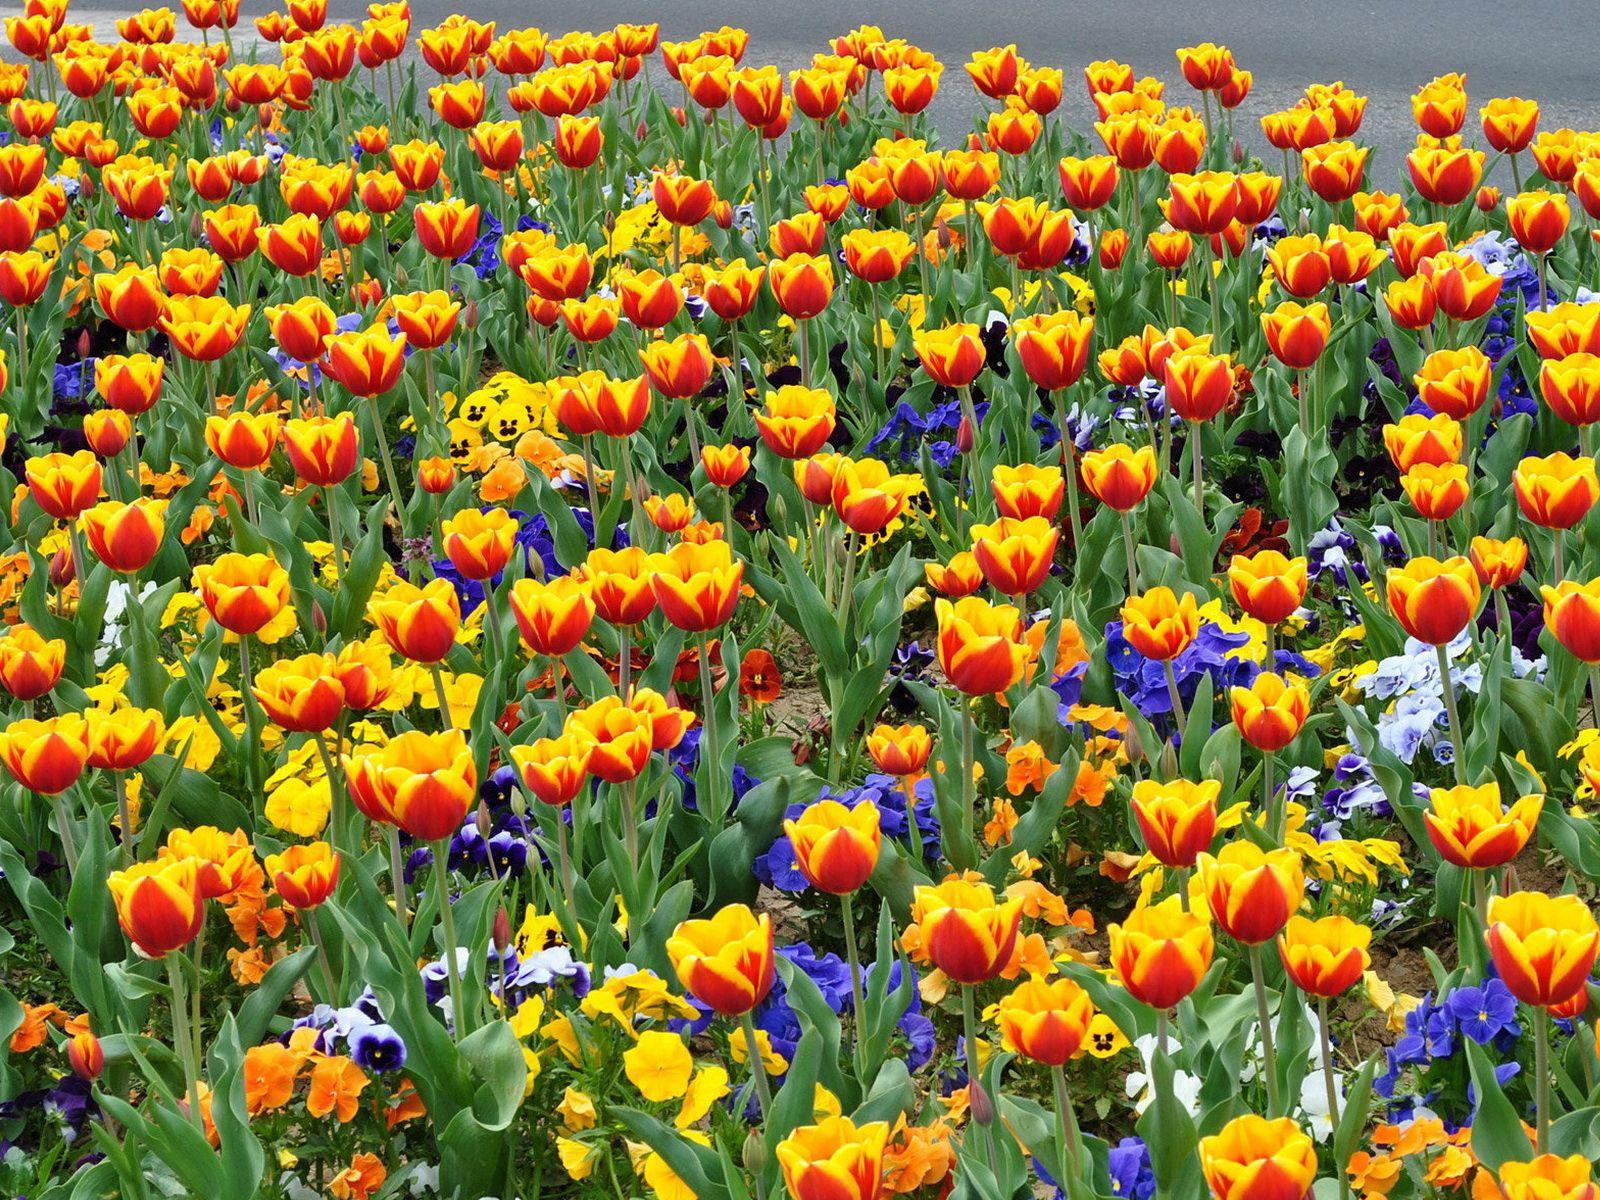 118027 скачать обои Цветы, Клумба, Улица, Тюльпаны, Анютины Глазки - заставки и картинки бесплатно